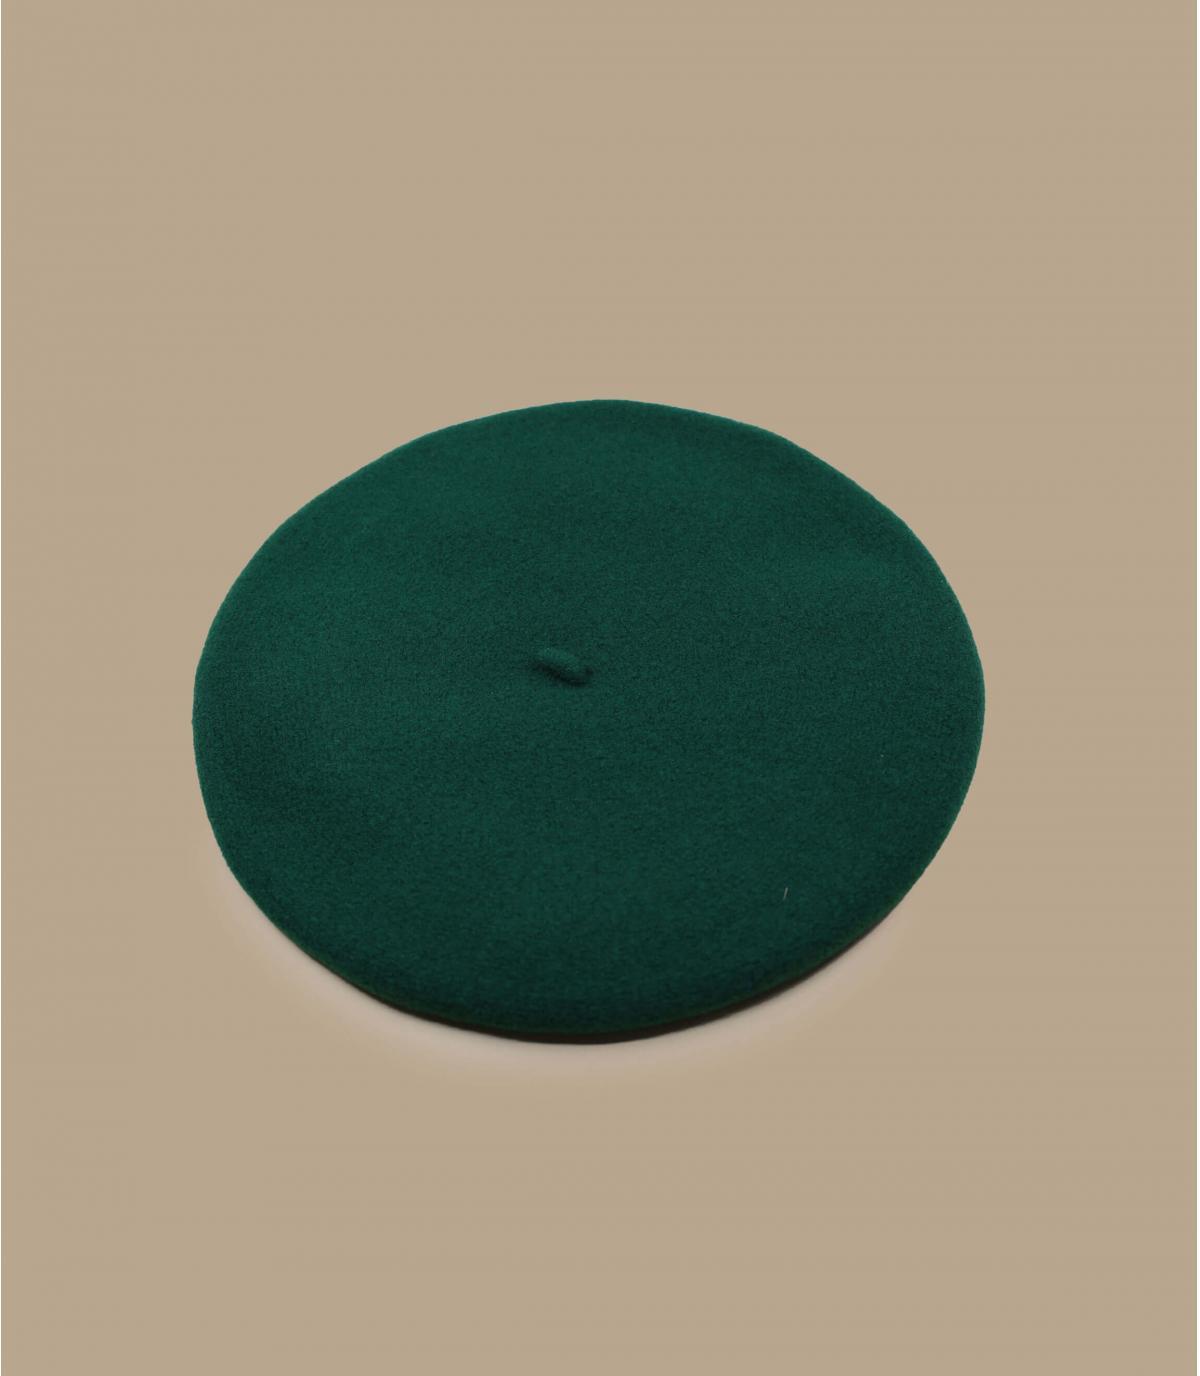 Berretto verde Merino Laulhère